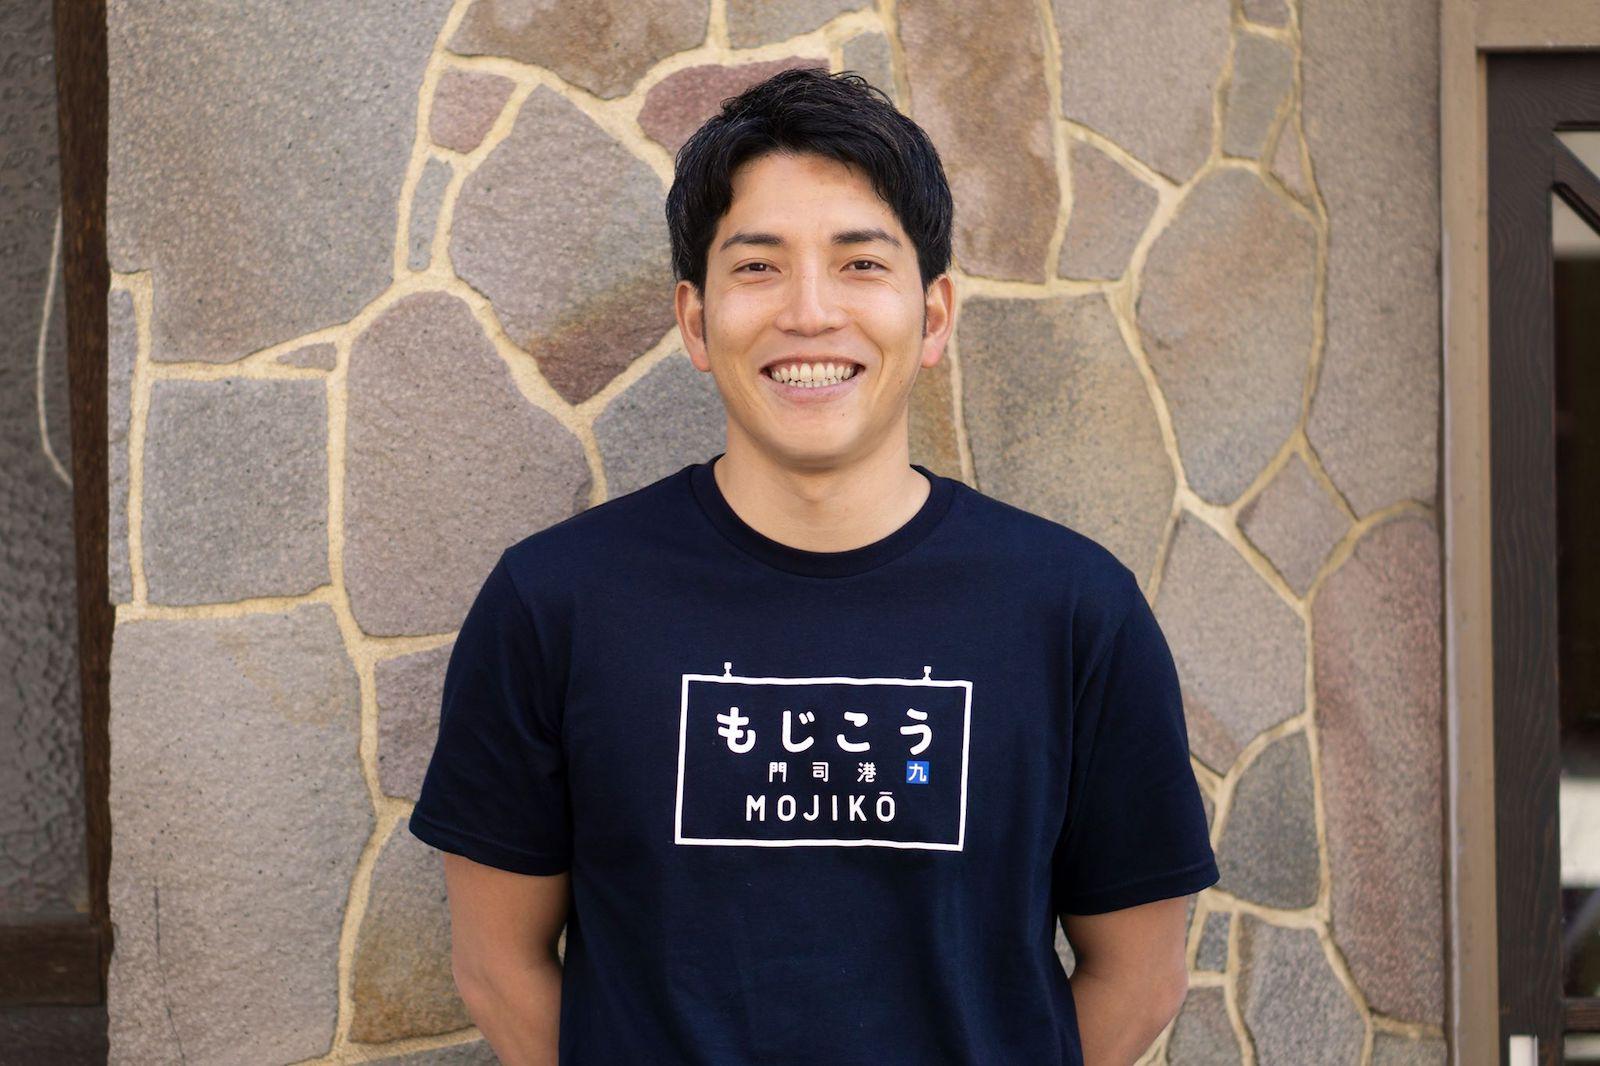 代表の菊池勇太 ゲストハウス「ポルト」の前で撮影